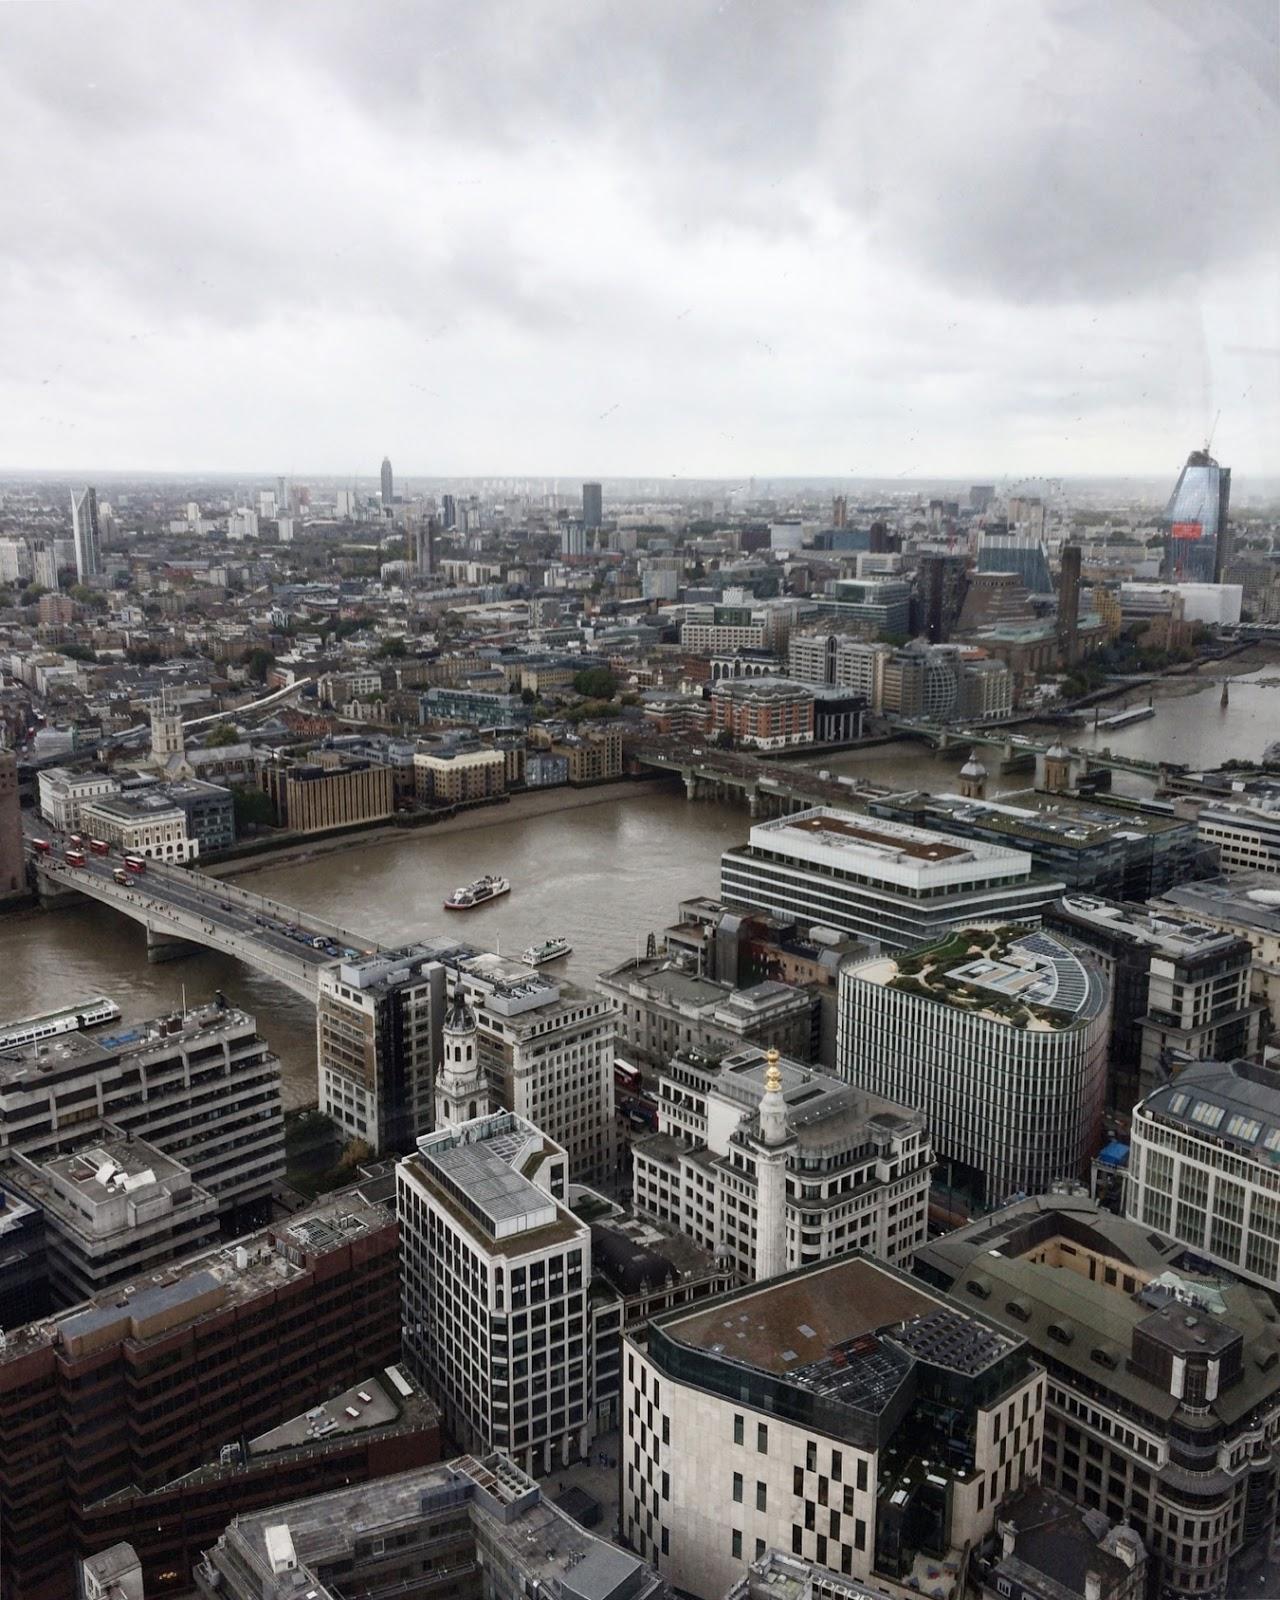 sky garden londyn, londyn the shard, punkt widokowy w londynie, londyn atrakcje